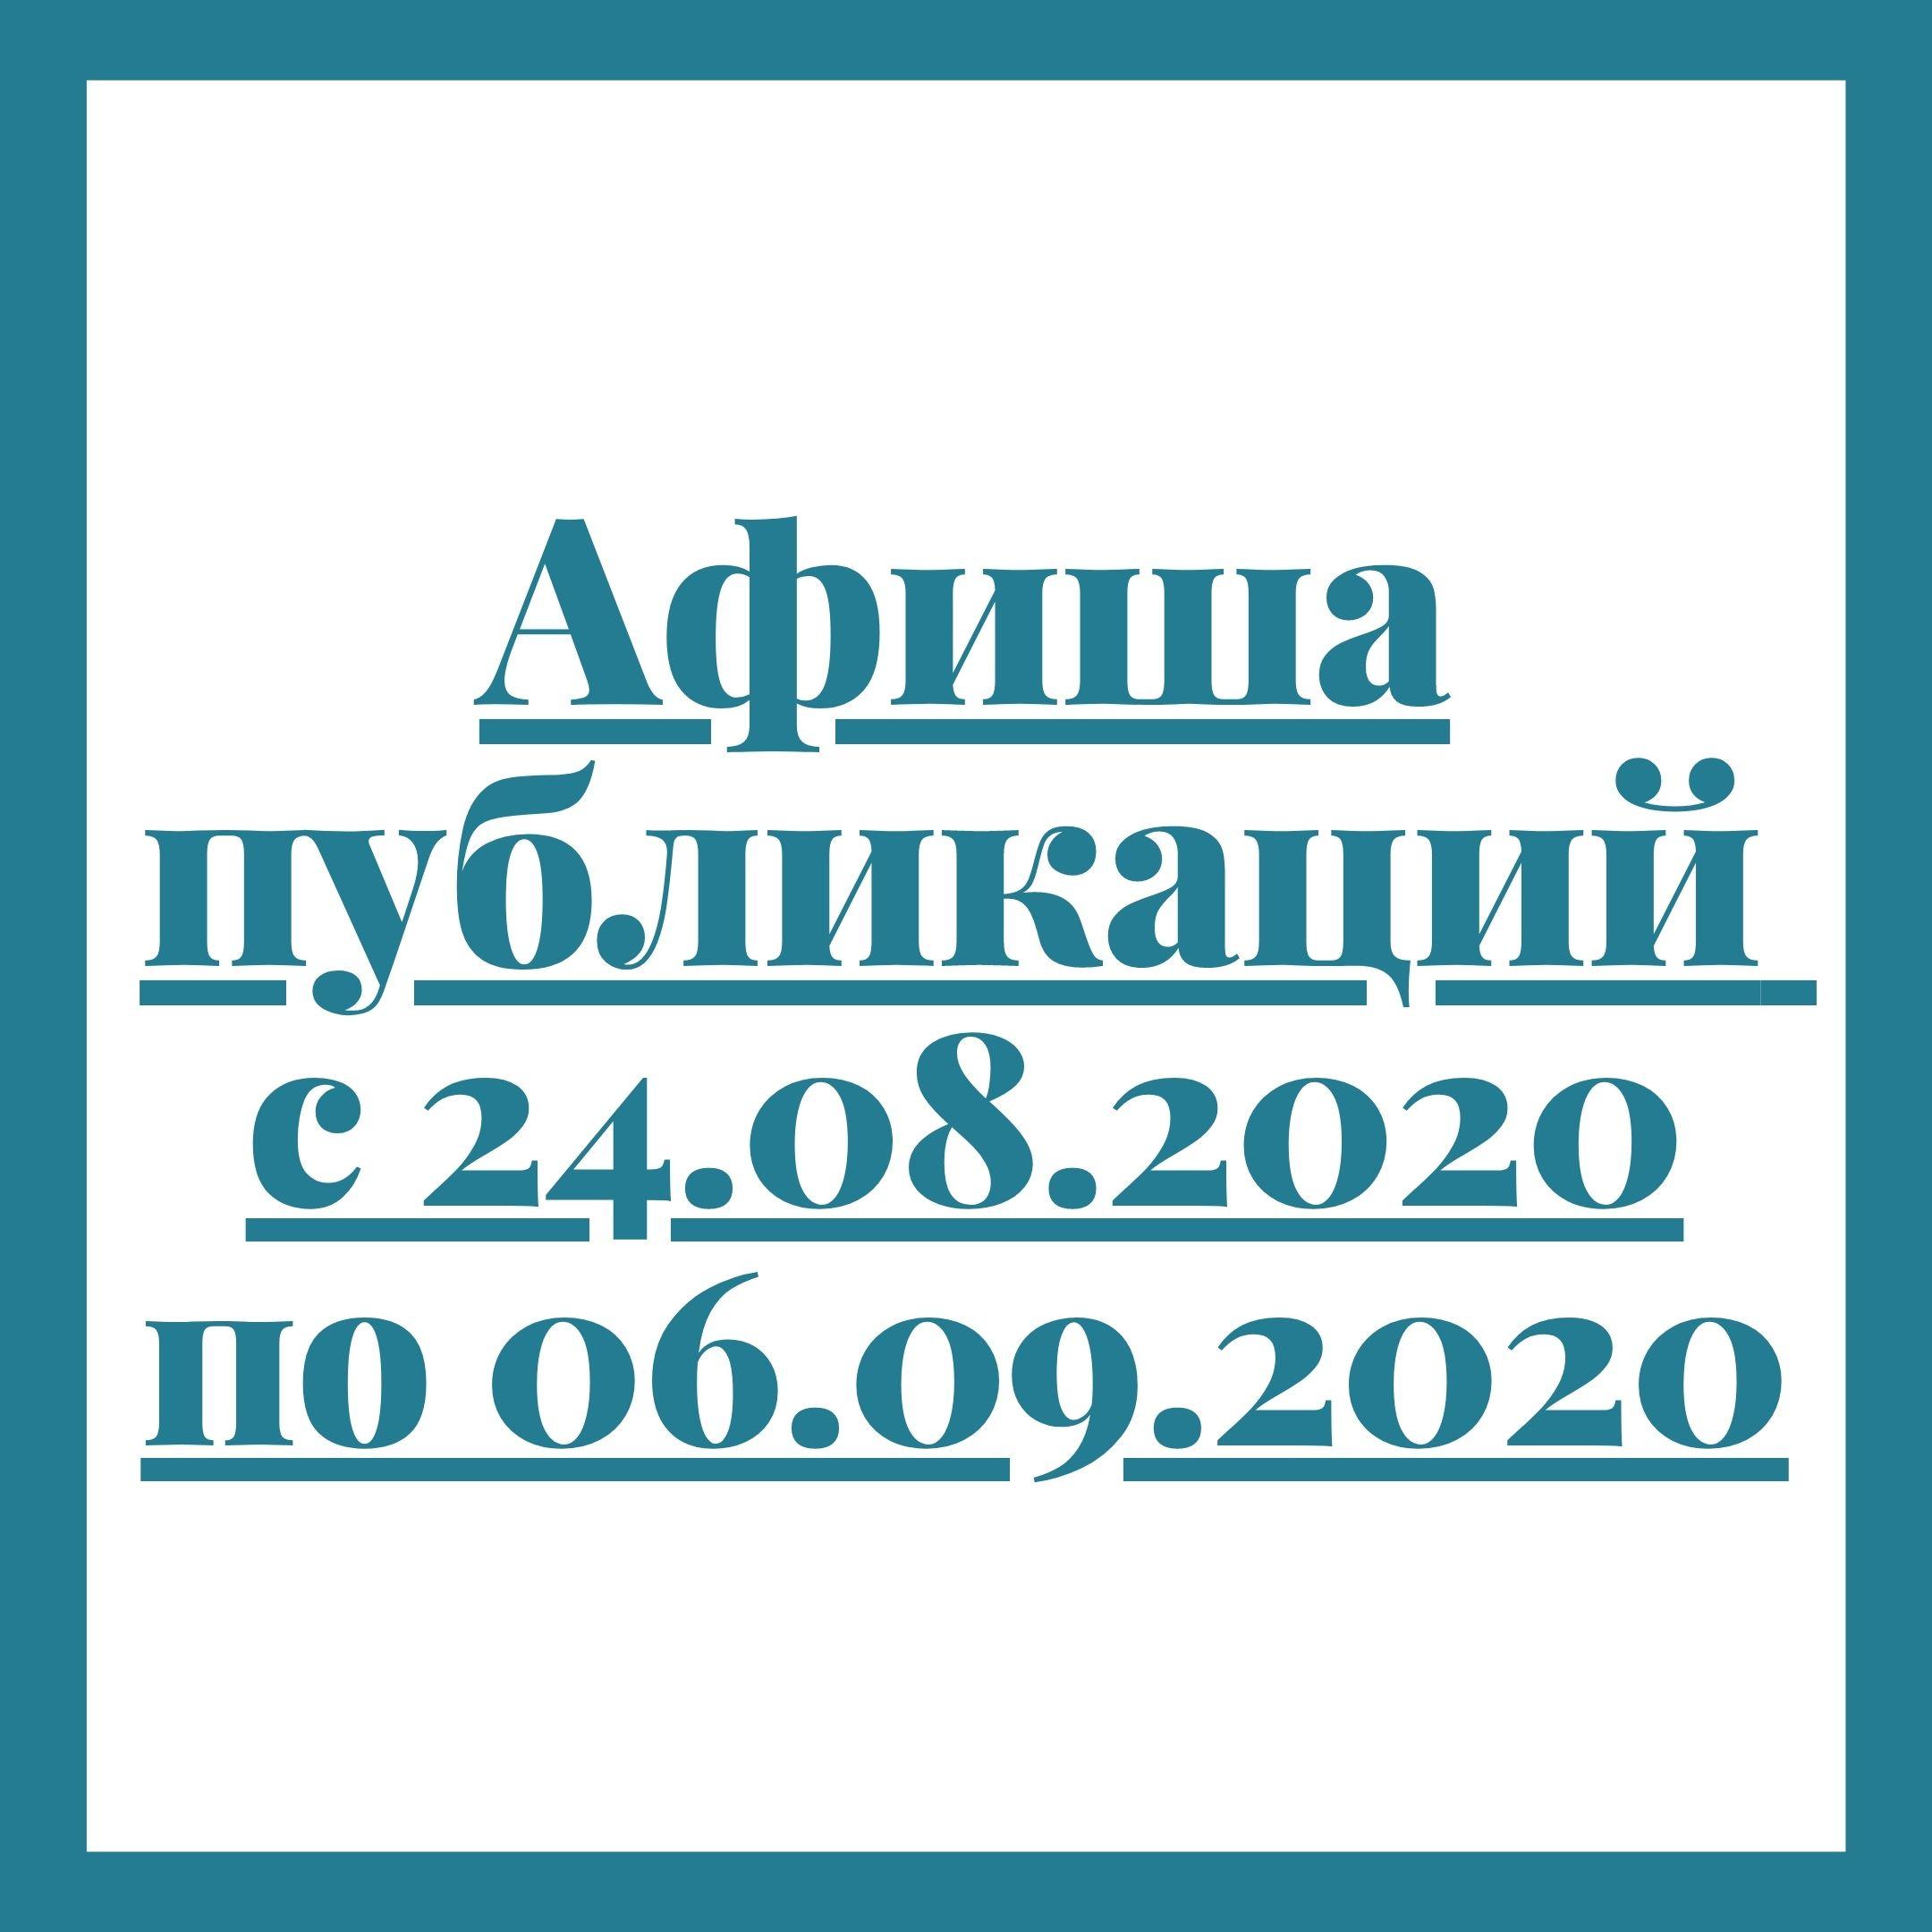 Афиша мероприятий с 24.08.2020 по 06.09.2020